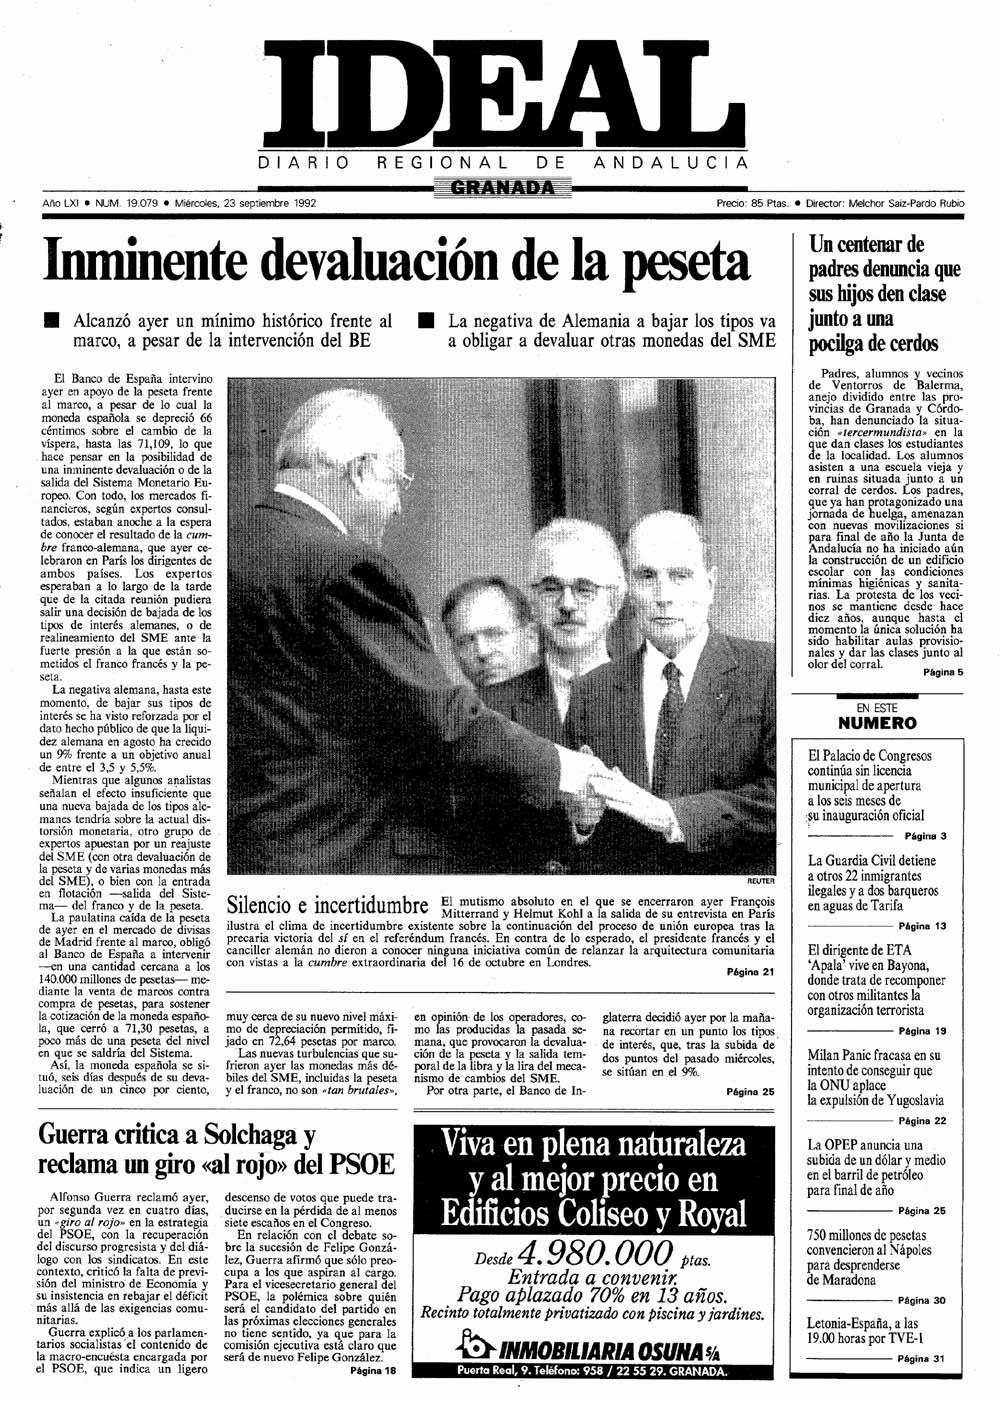 PUES SÍ... ESTAS COSAS OCURREN... - Página 6 92_portada-copia